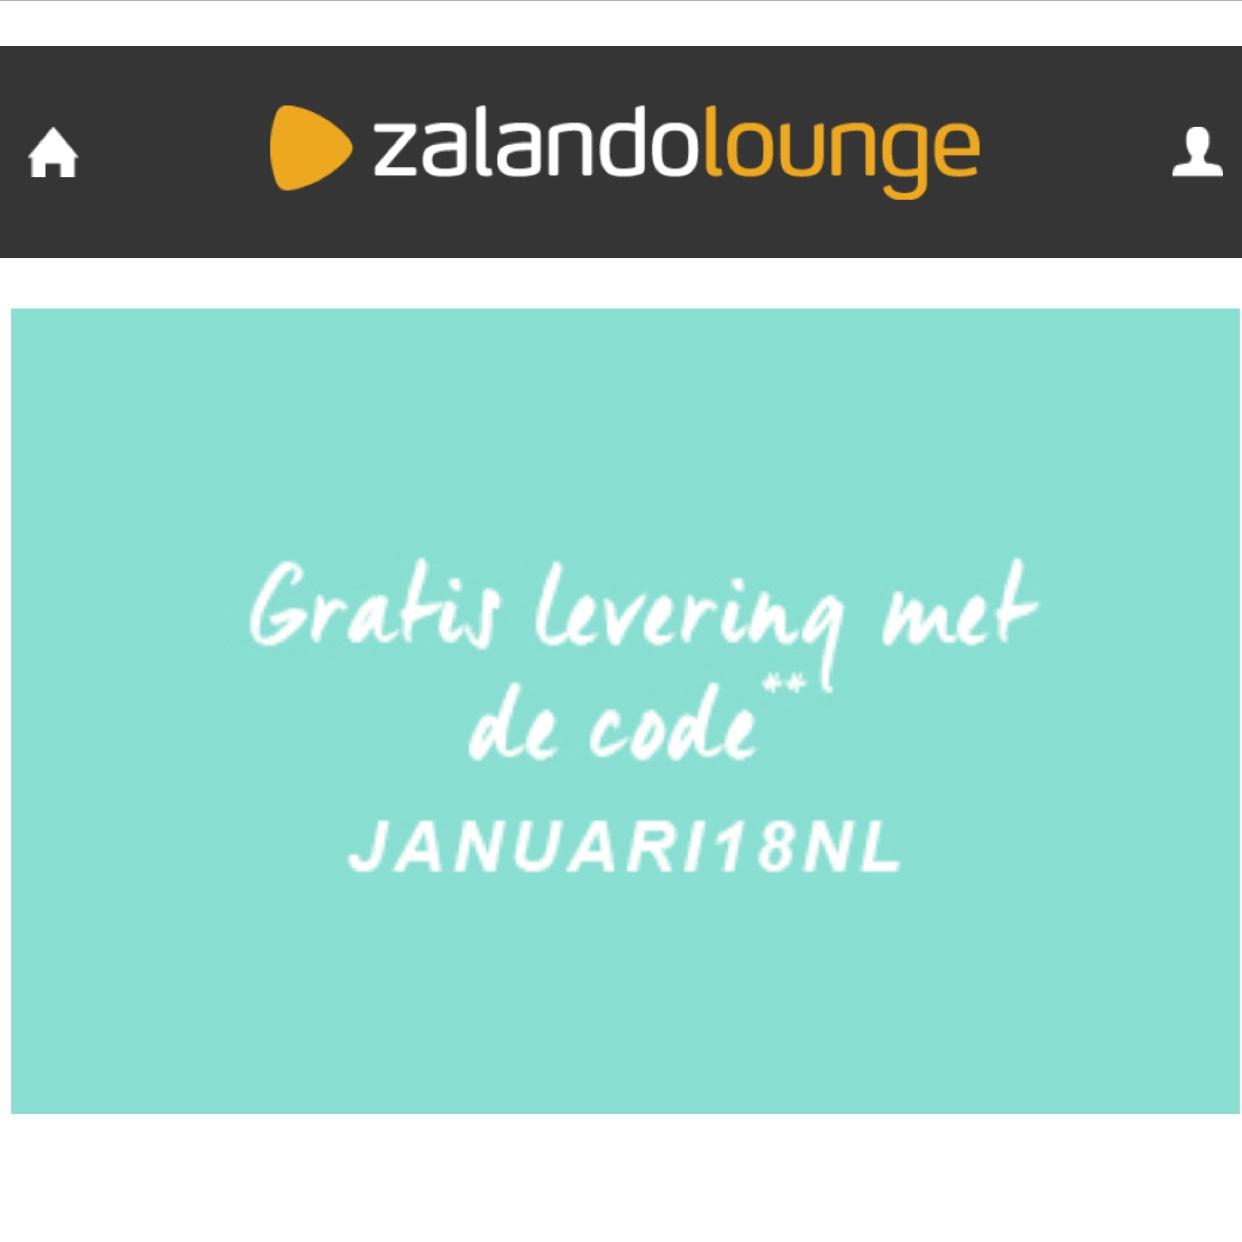 Gratis verzending t.w.v. €5,90 @Zalando Lounge